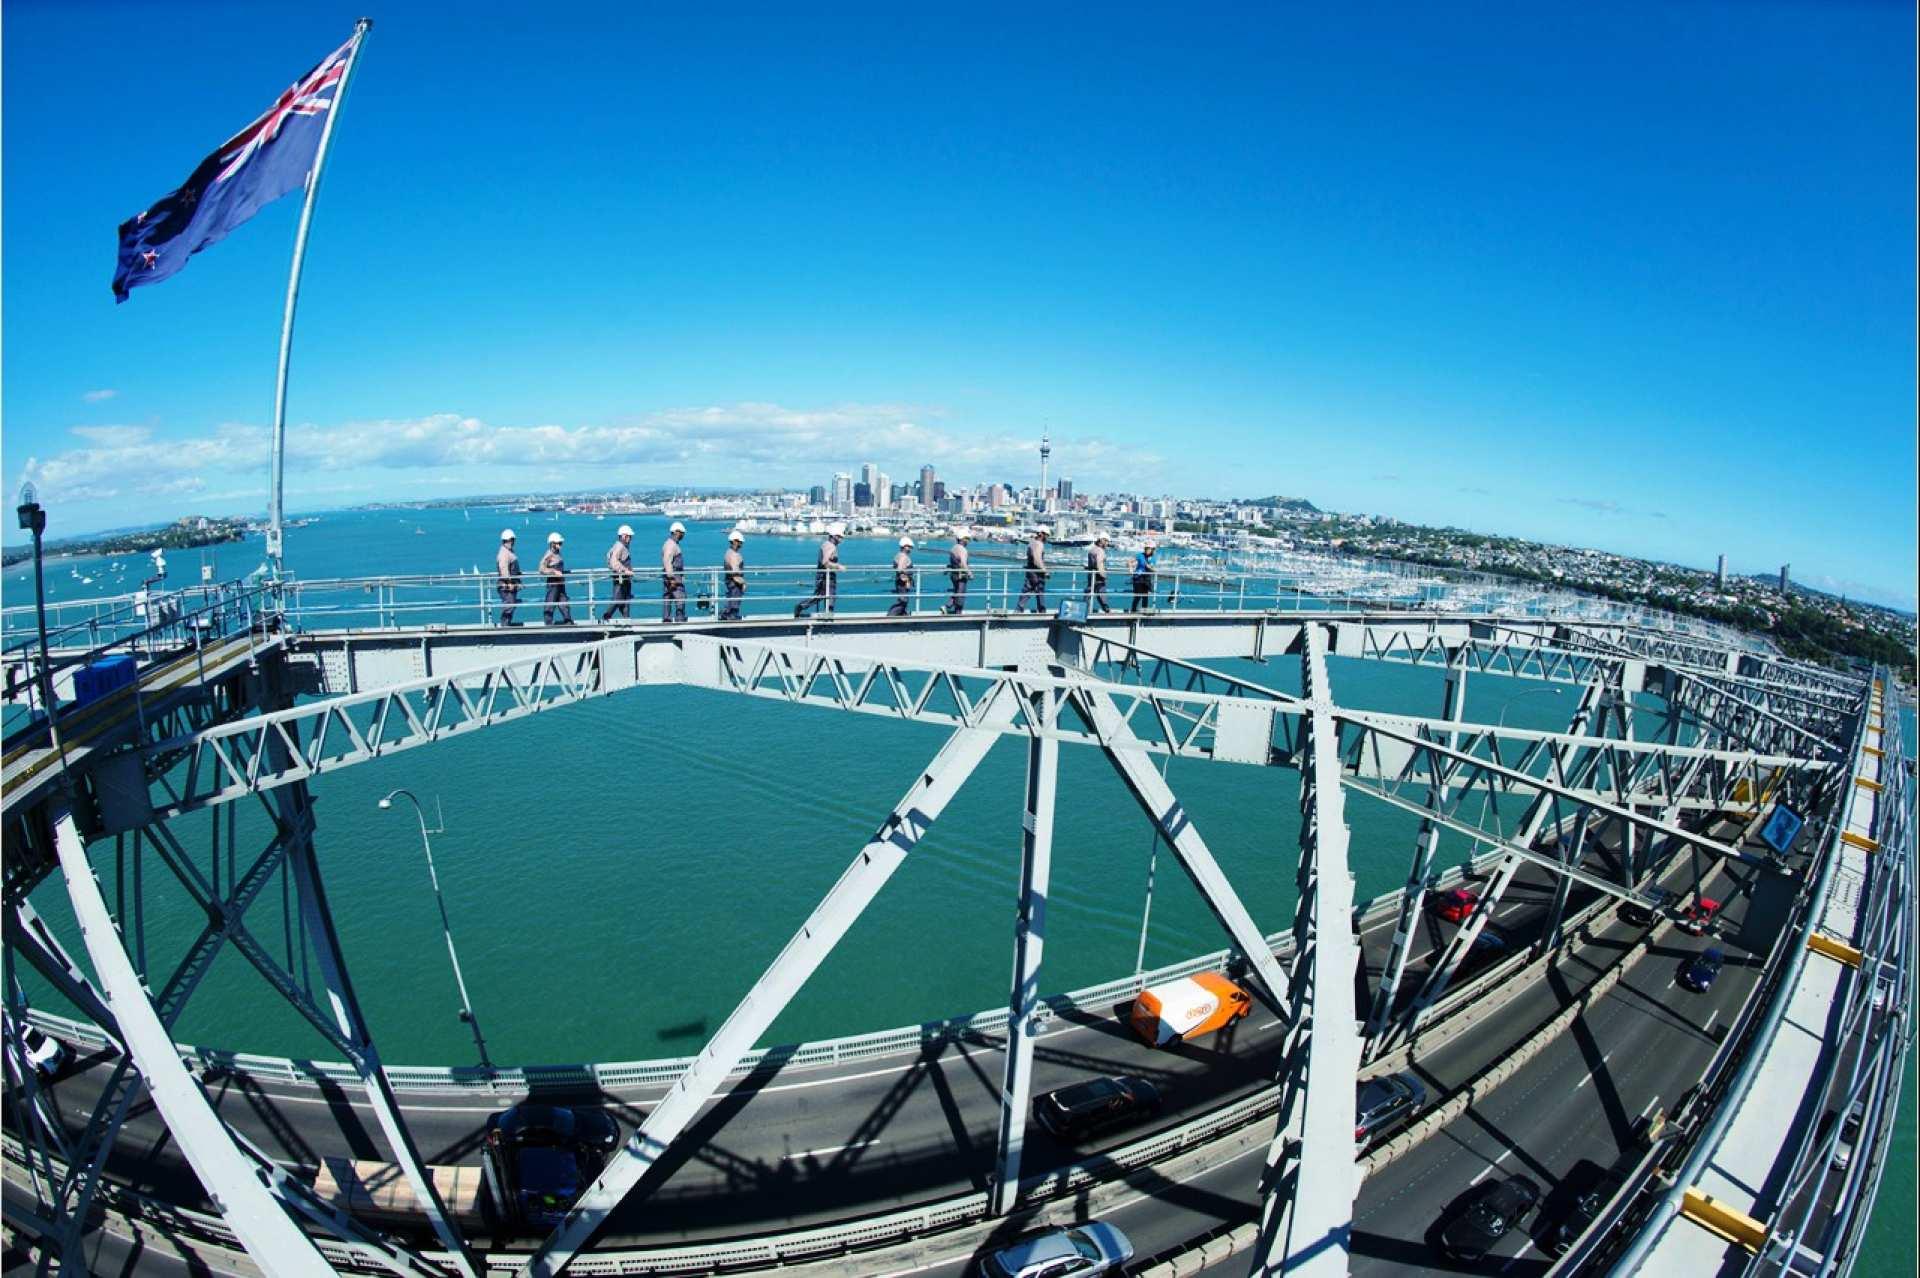 【挑戰極限】奧克蘭大橋攀登體驗